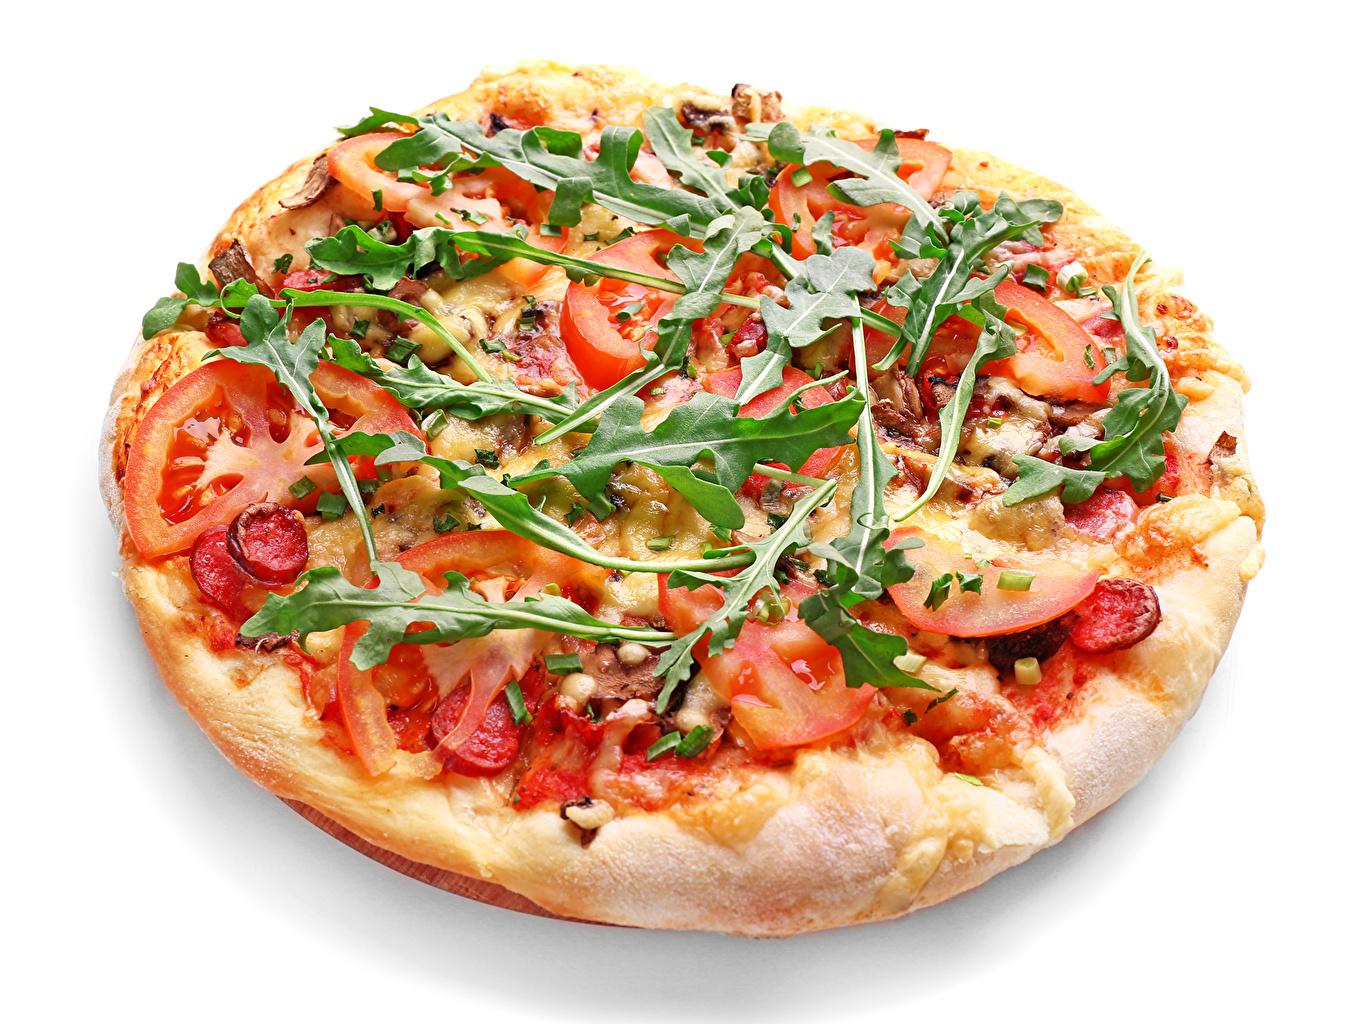 Bilder Pizza Fast food Gemüse Lebensmittel Weißer hintergrund das Essen